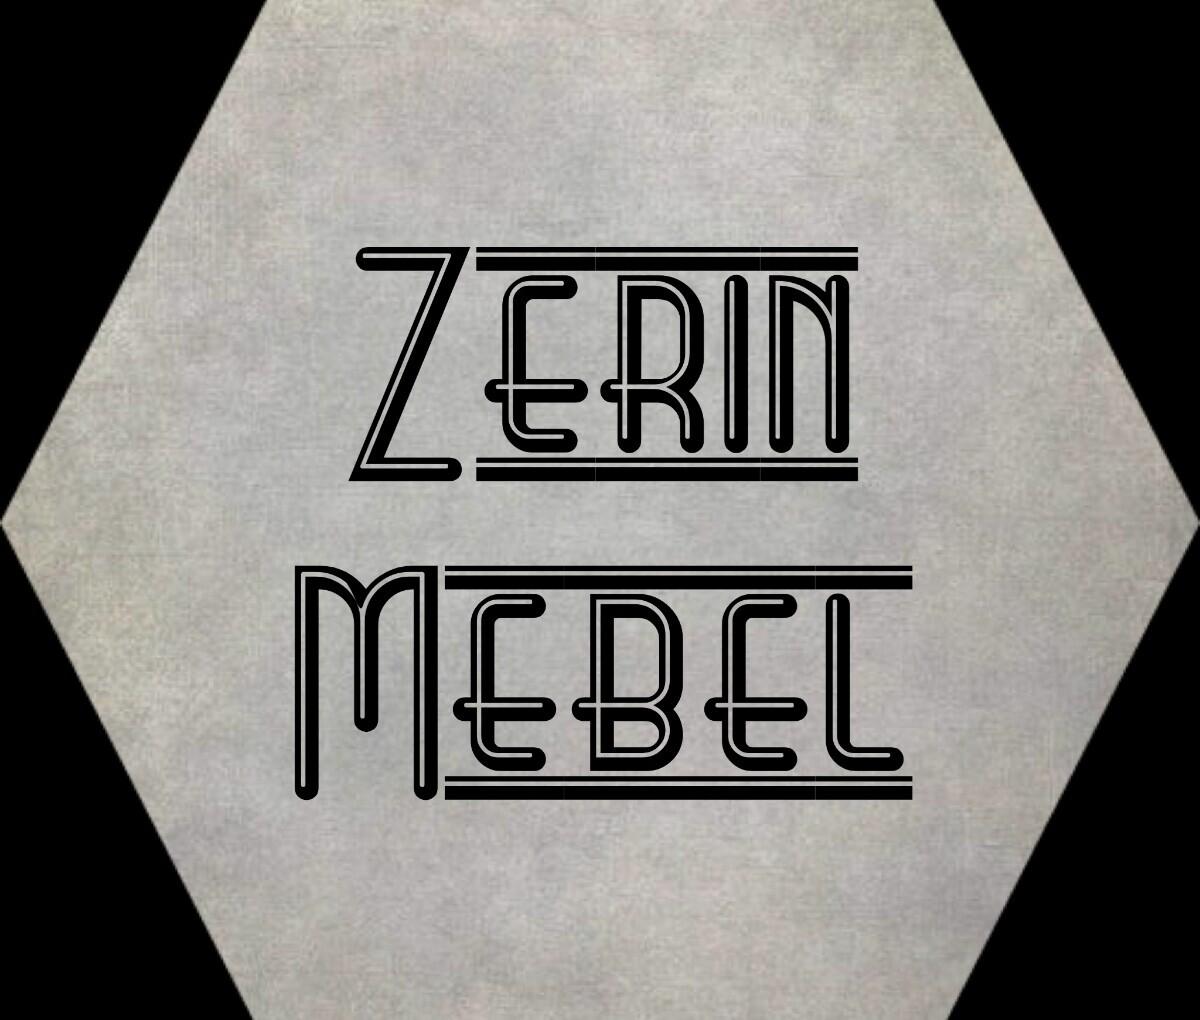 Zerin   Mebel Aləmi - şirkətin Biznes profili lalafo.az-da   Azərbaycan